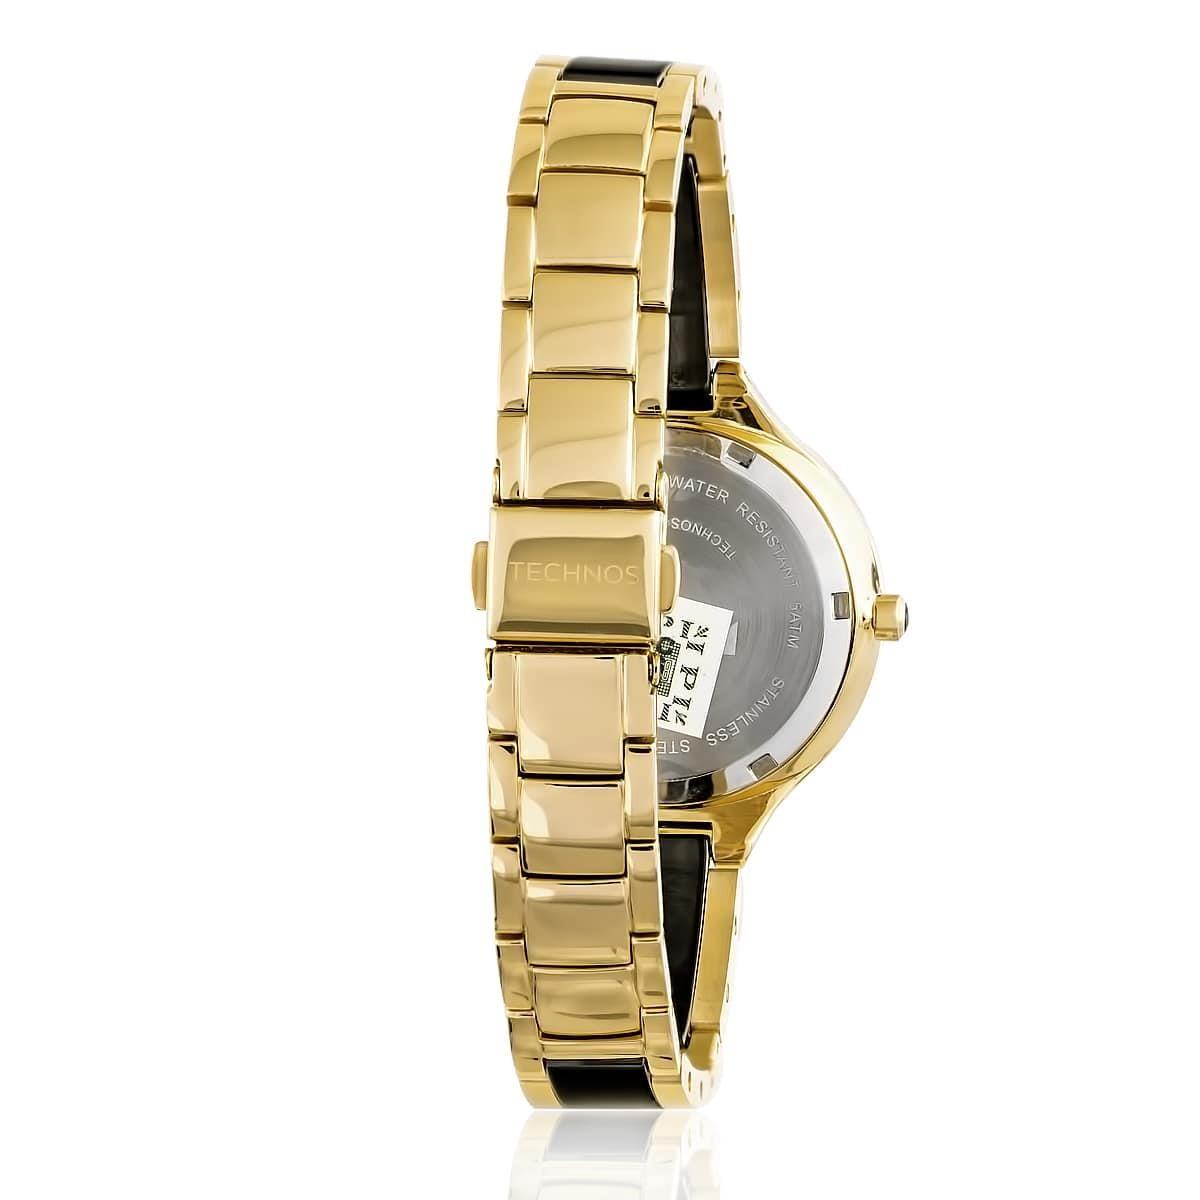 Relógio Feminino Technos Ref 2035lyw 4p Elegance Ceramic - R  690,00 ... ddcf1c19f6